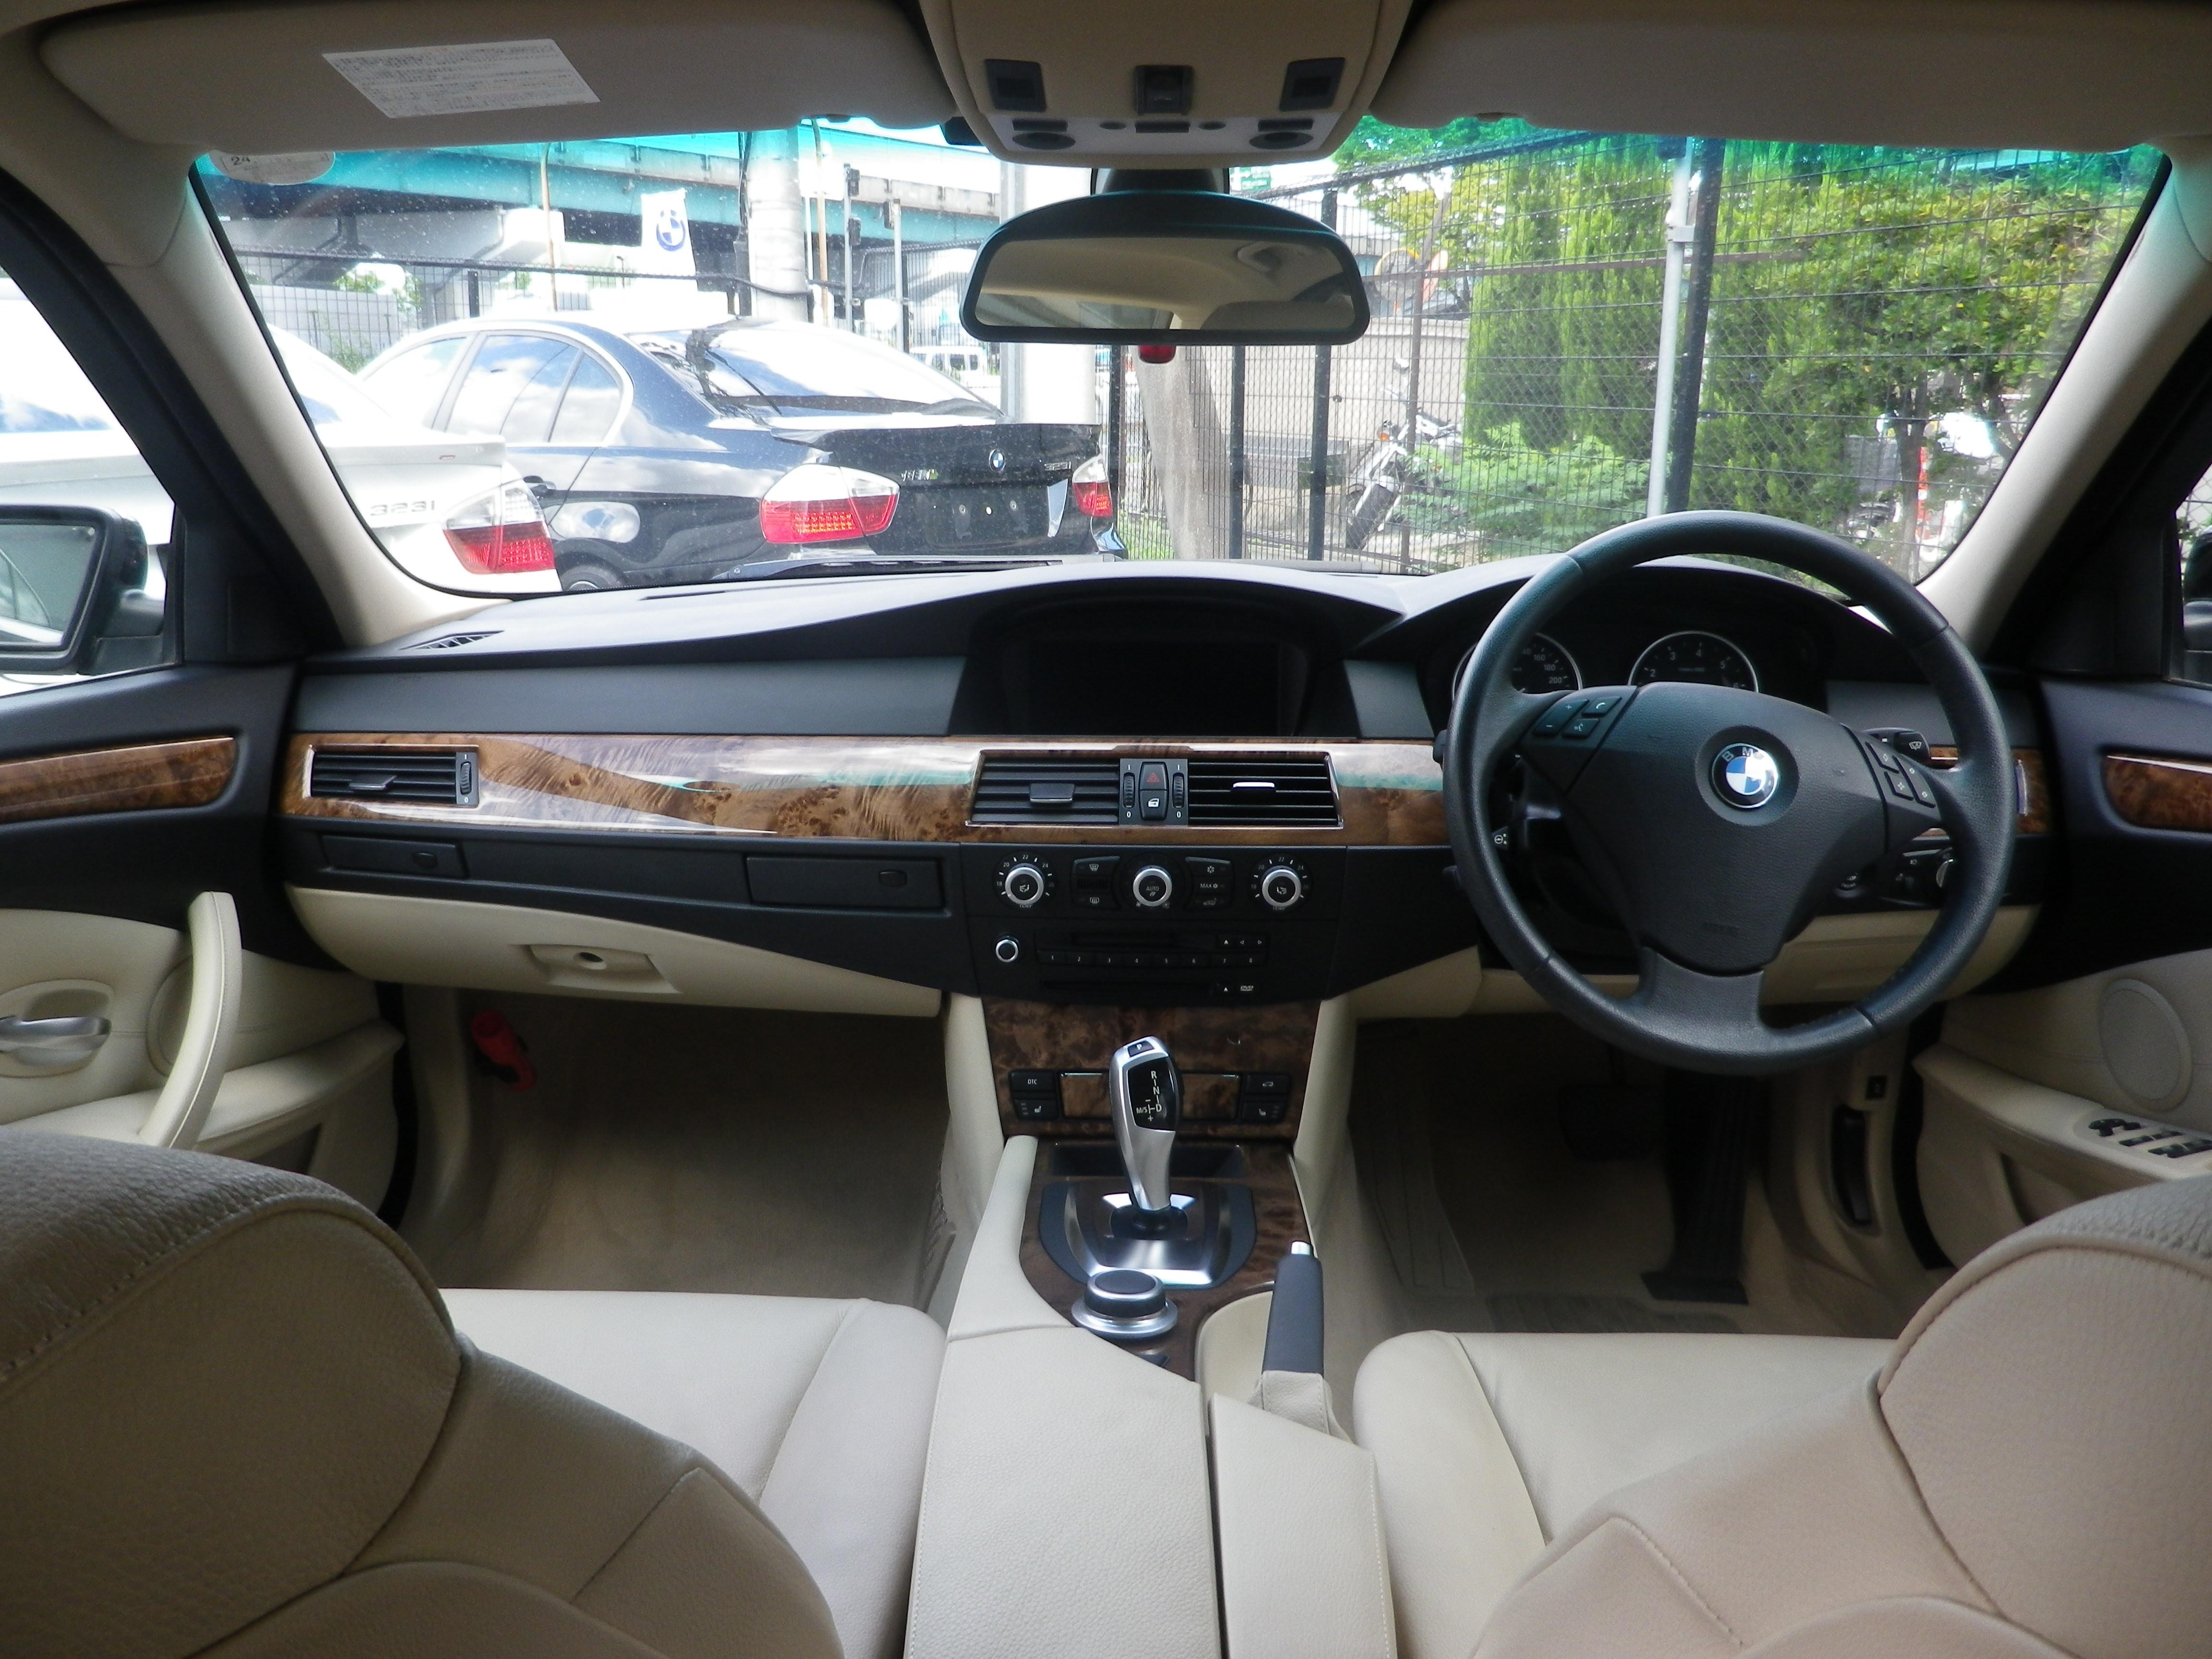 525iハイライン後期モデル BEAMコンプリートカーStⅡ ベージュレザー コンフォートアクセス車両画像06